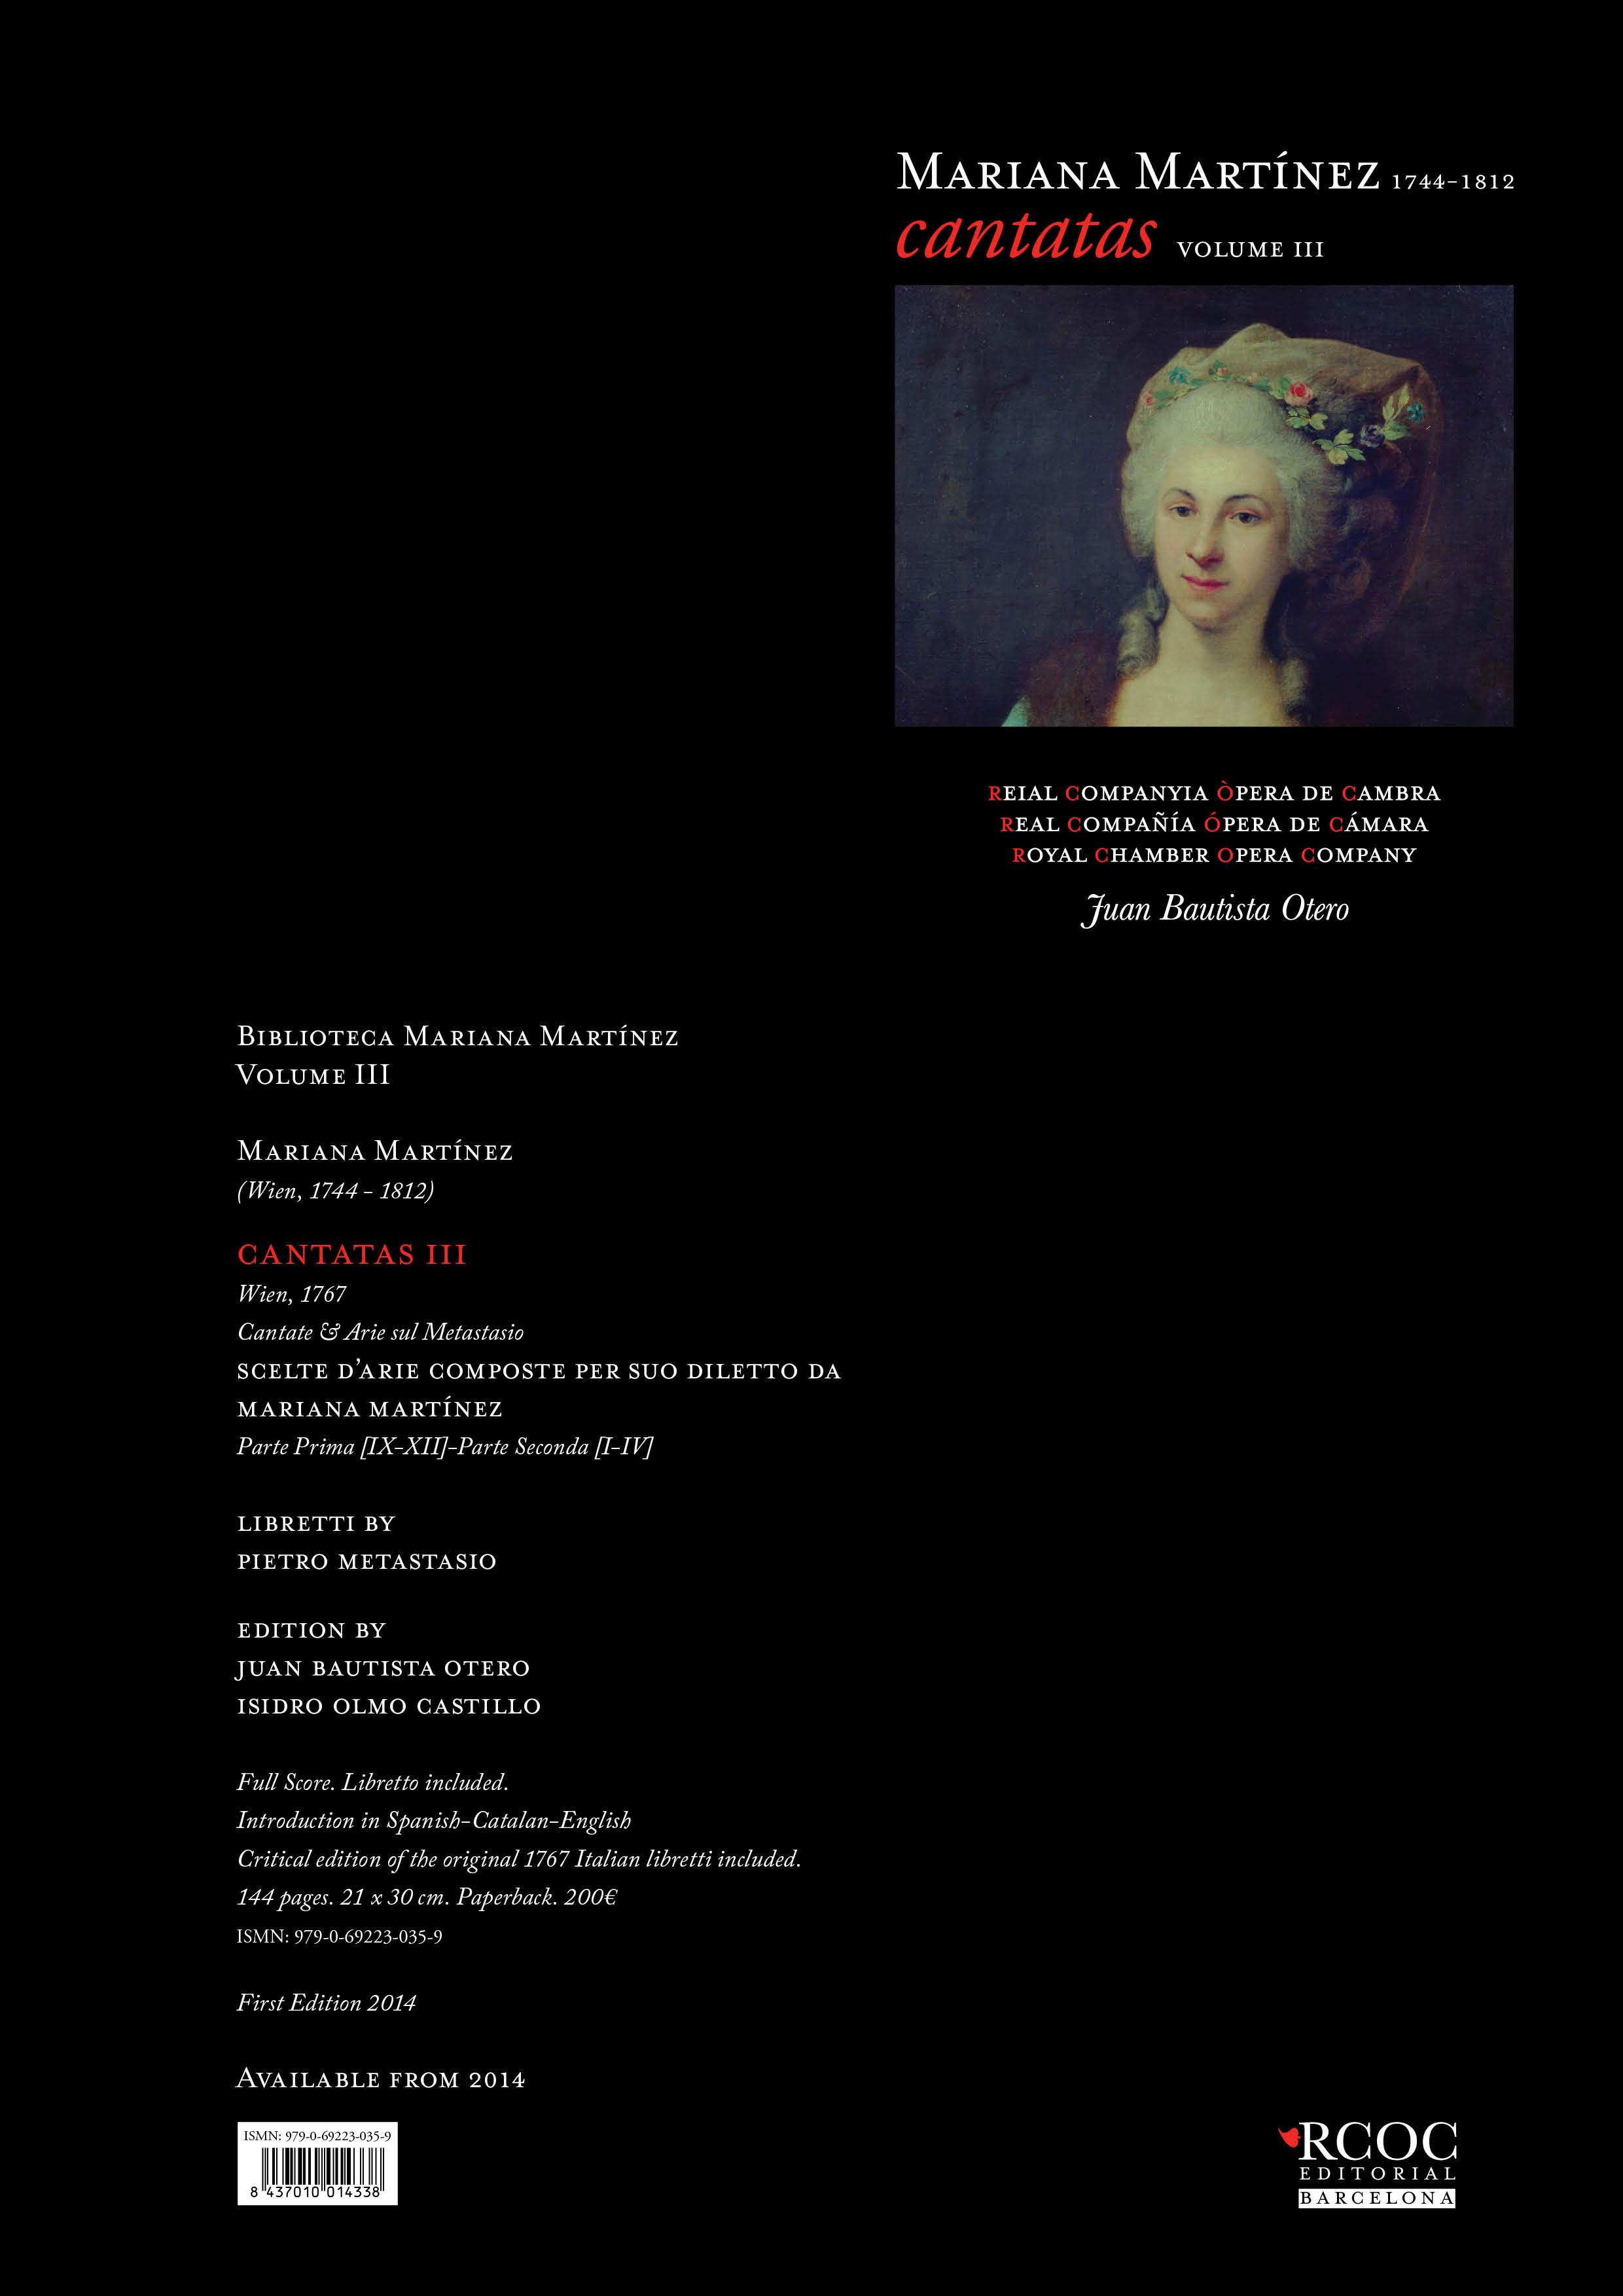 MARIANA MARTINEZ-CANTATAS 03